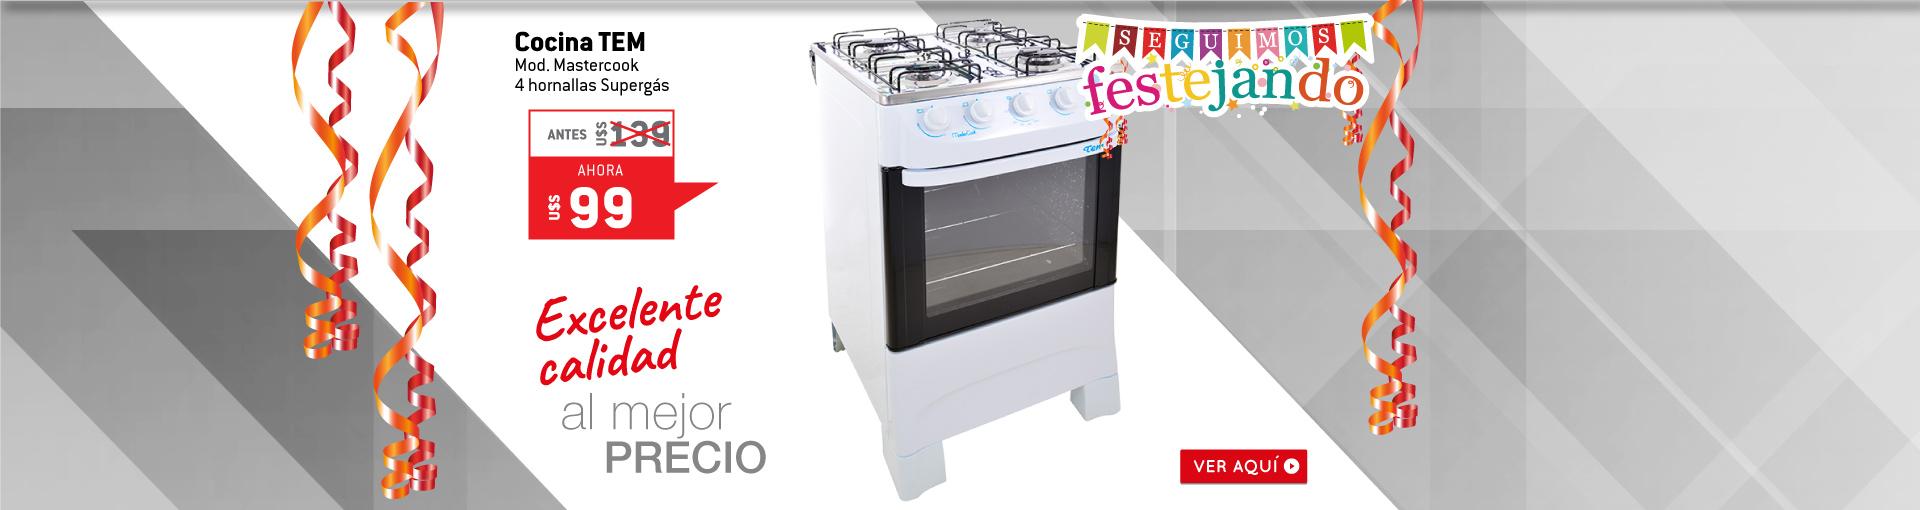 h-585049-cocina-tem